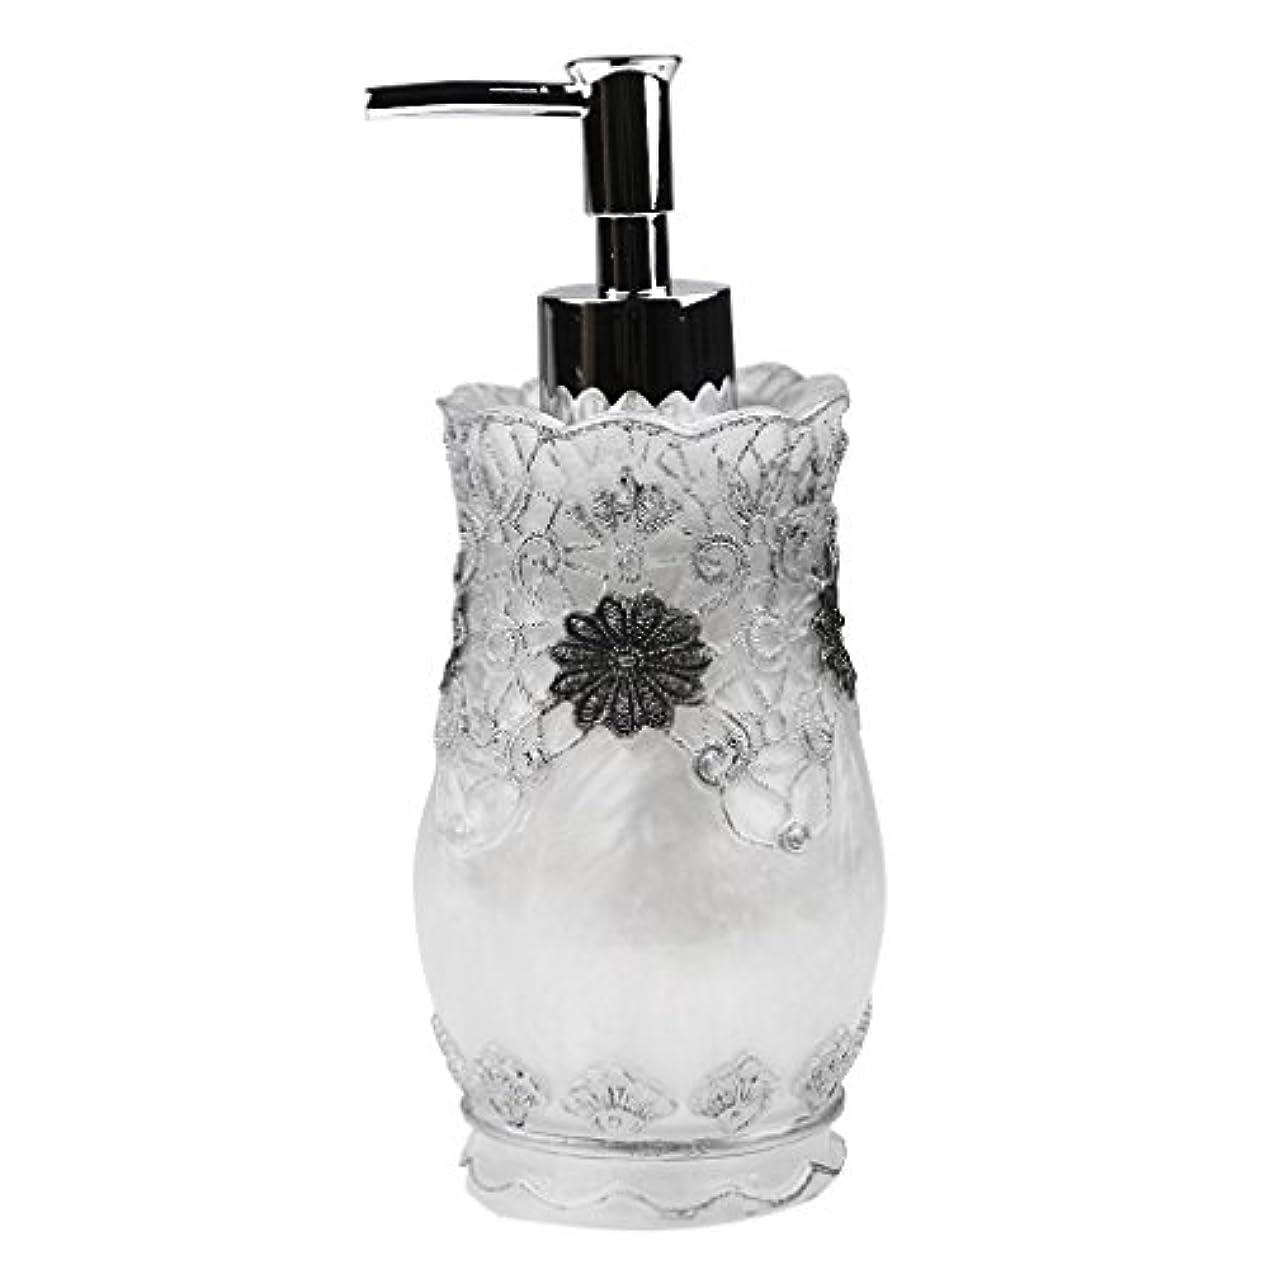 入射鍔かるシャンプー ボディークレンザー 液体石鹸などローション適用 詰め替え 樹脂 空 ポンプ瓶 全4種類 - #2